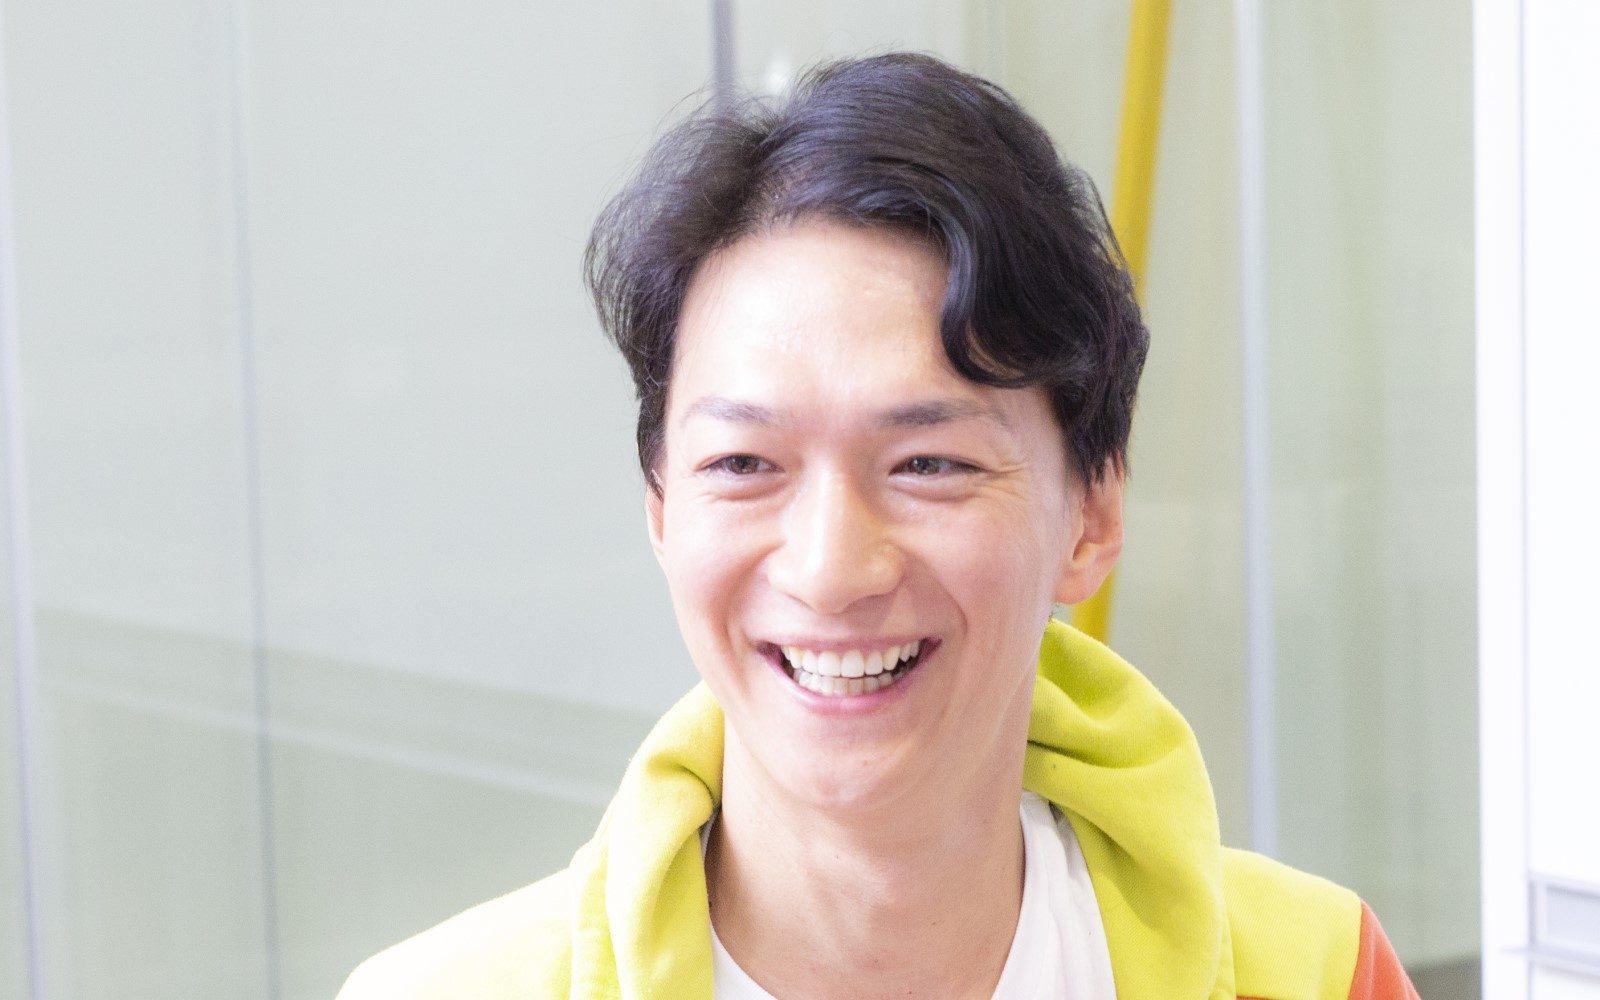 株式会社グッドラックスリー 代表取締役社長兼グッドラッカー 井上和久氏